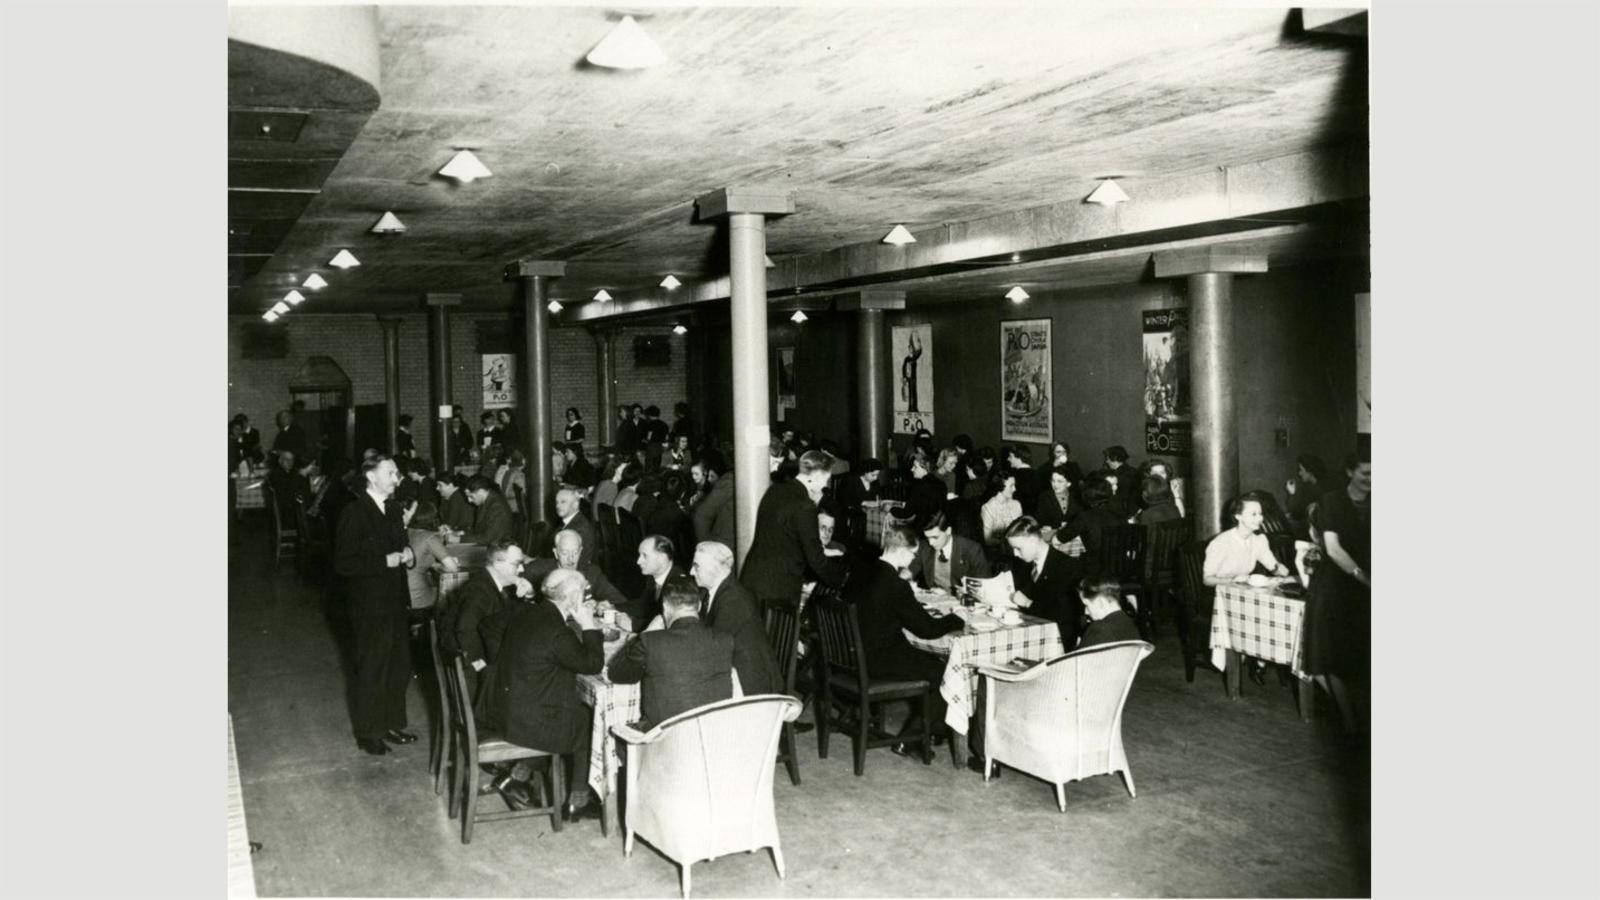 Un des coffres de la Banque d'Angleterre a été utilisé comme cantine pendant la seconde guerre mondiale : l'or avait été évacué vers le Canada